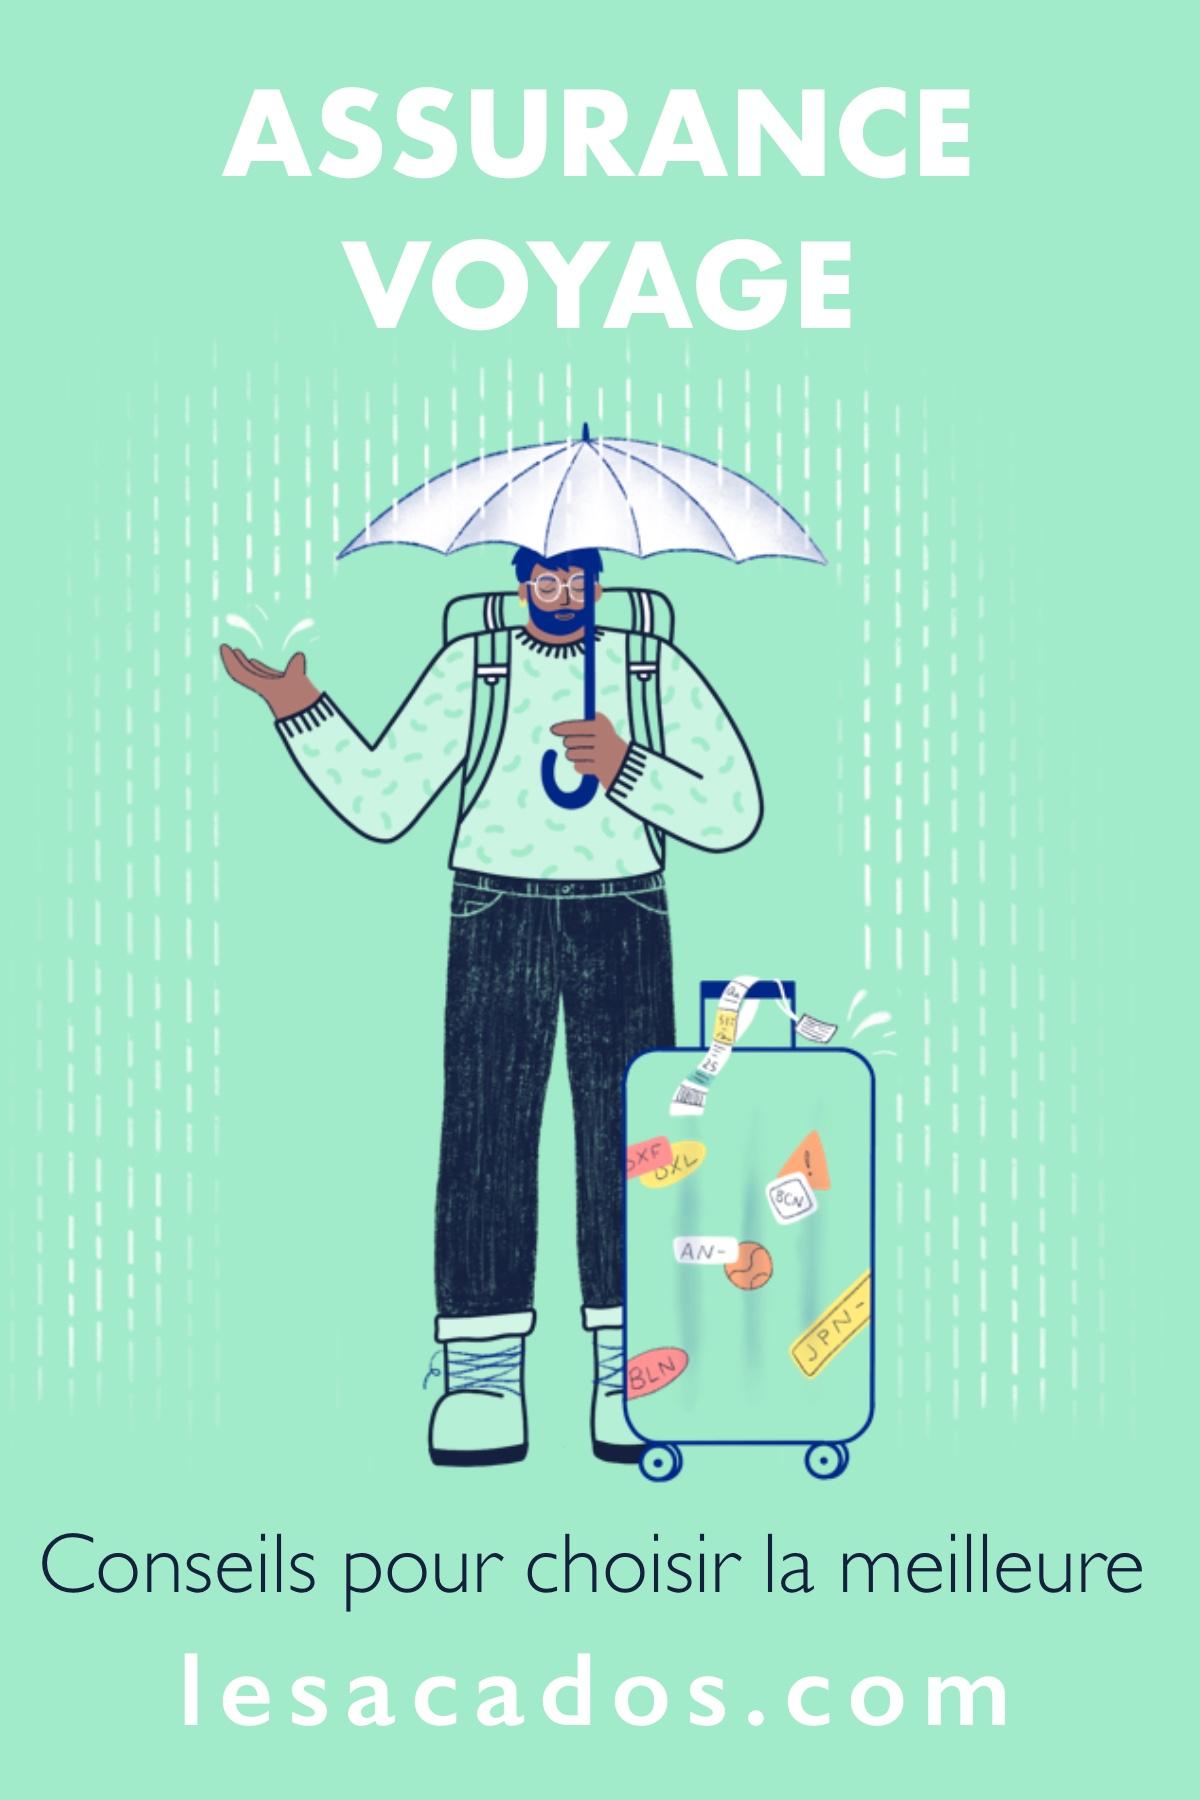 Choisir une assurance voyage peut être déroutant et complexe ! Je vous propose ici des conseils et un comparatif pour choisir la meilleure pour vous.